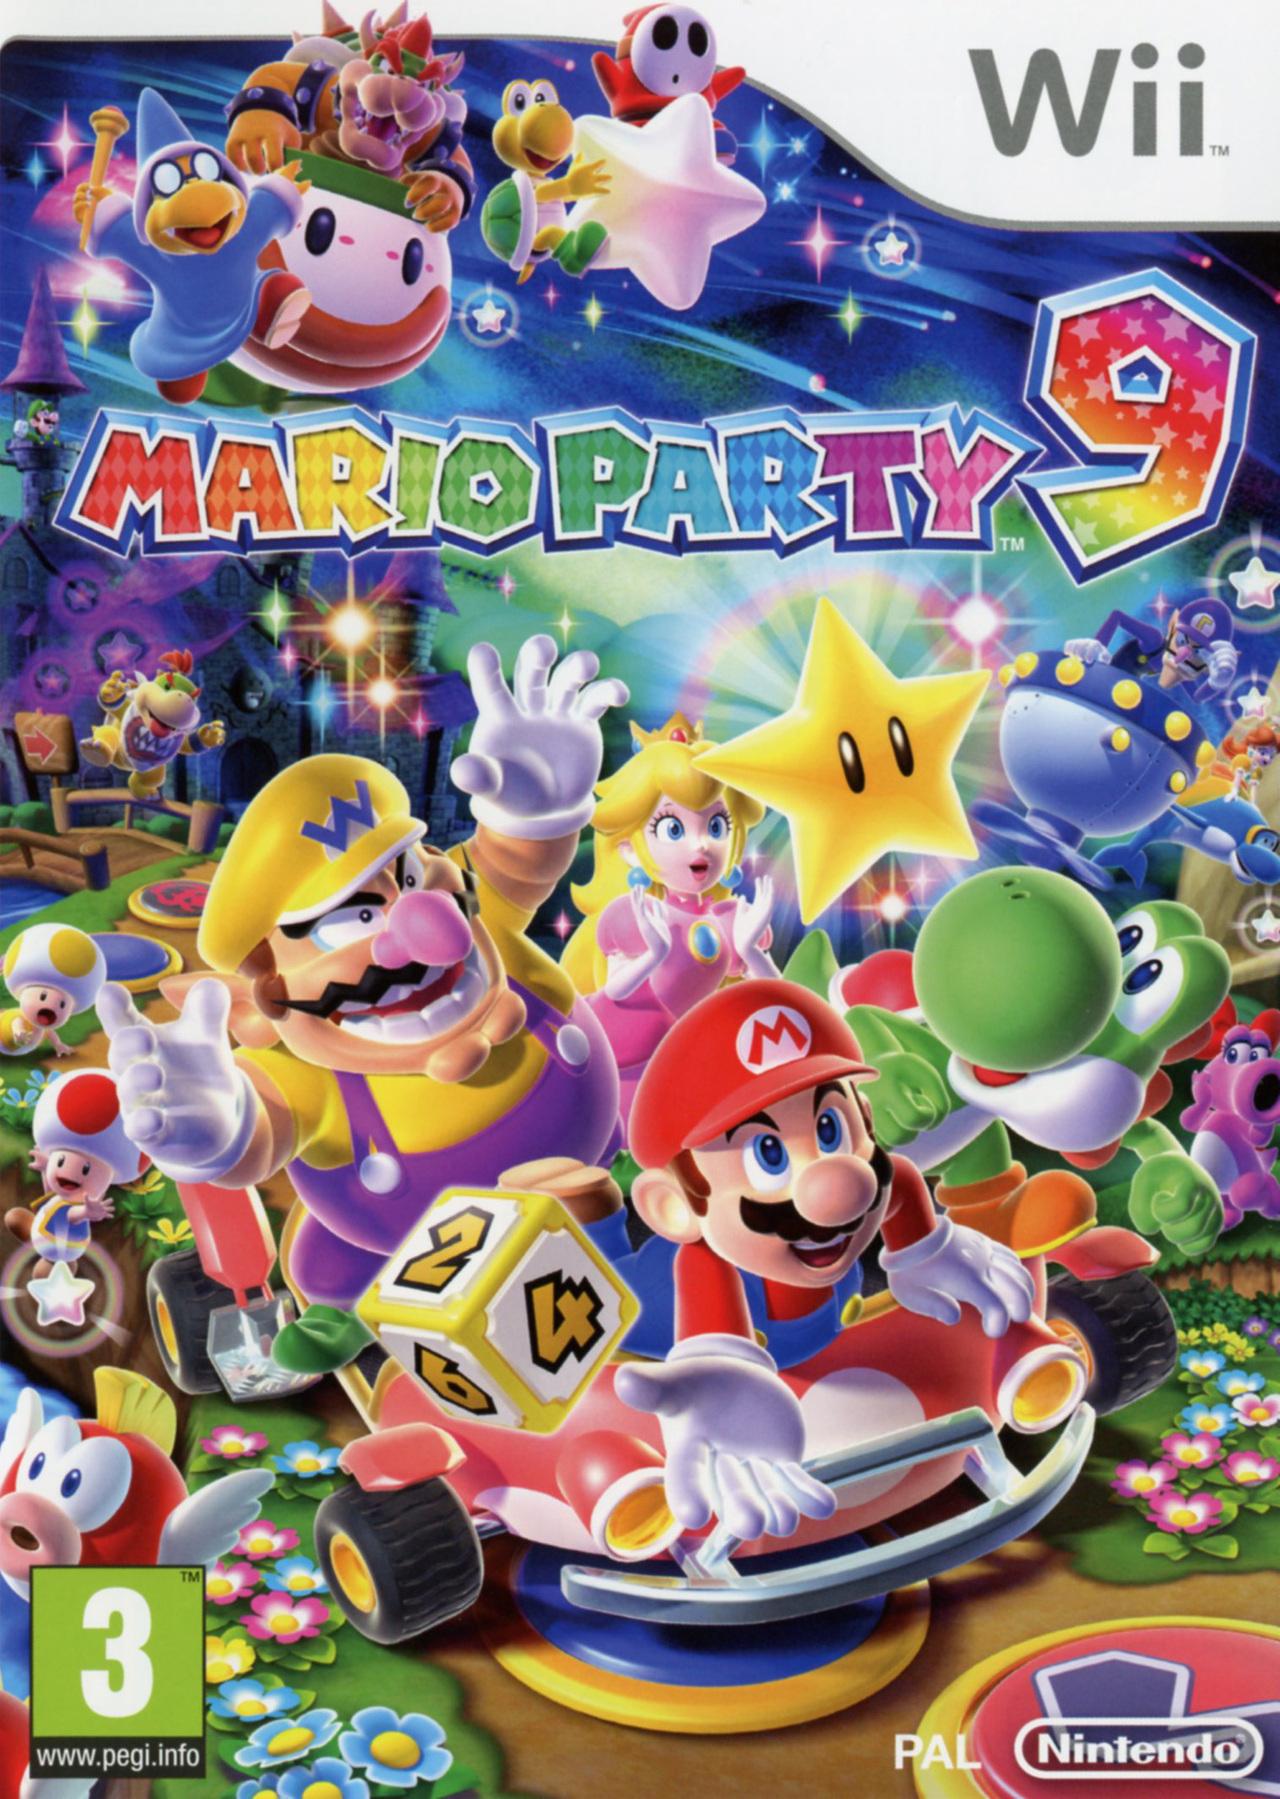 Mario Party 9  [Wii l FR] [UL]